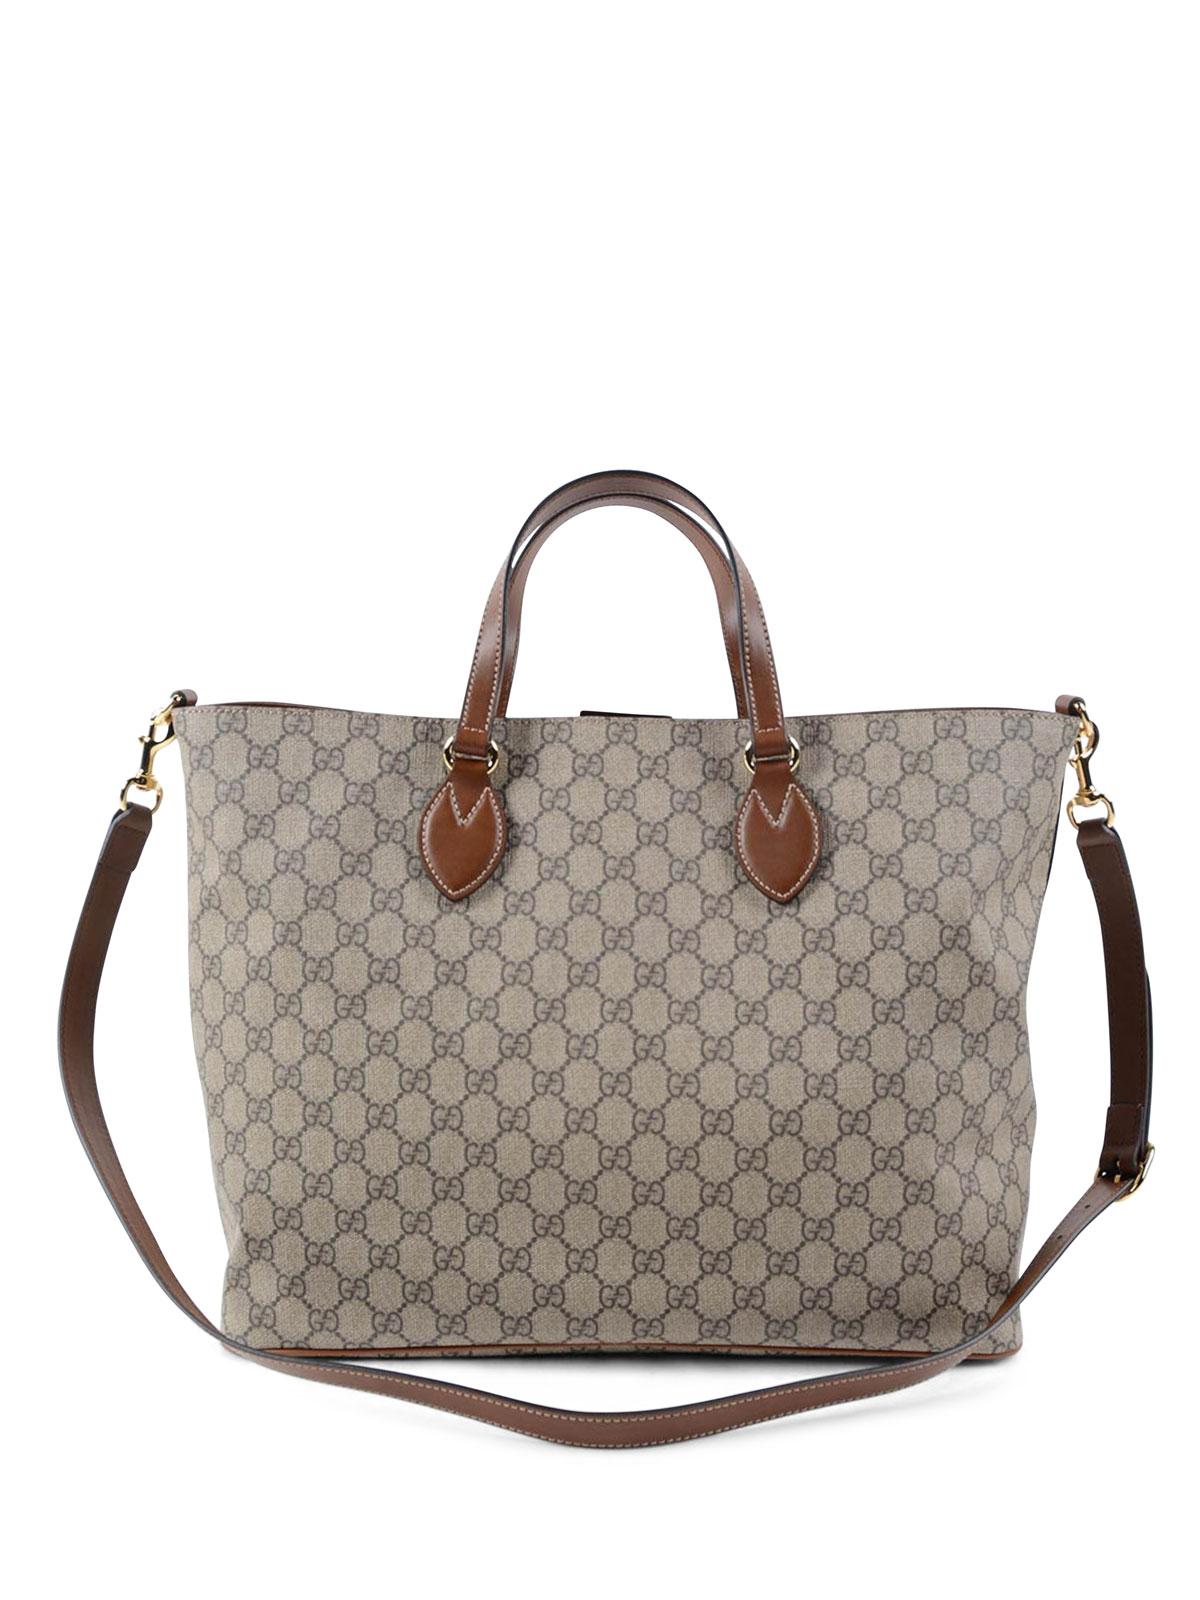 4943cb2e71e Gucci - GG Supreme canvas tote bag - totes bags - 453705K5I2G 8526